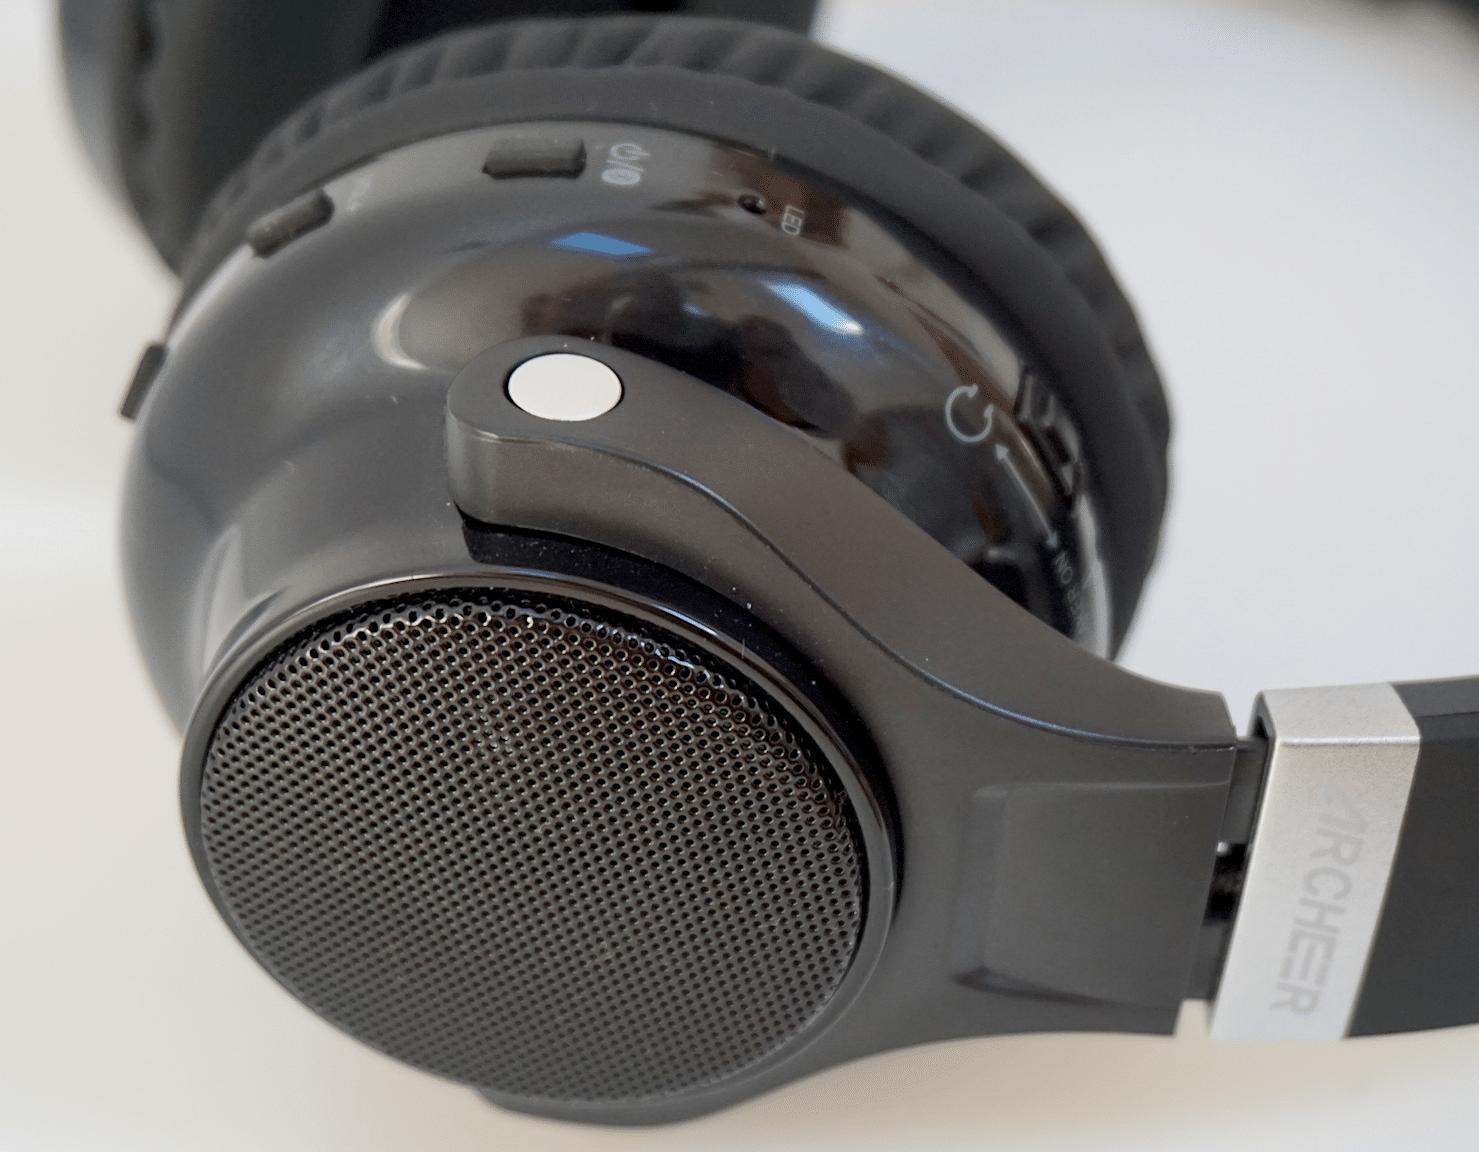 AH45 From Archeer: Bluetooth Headphones & Speakers